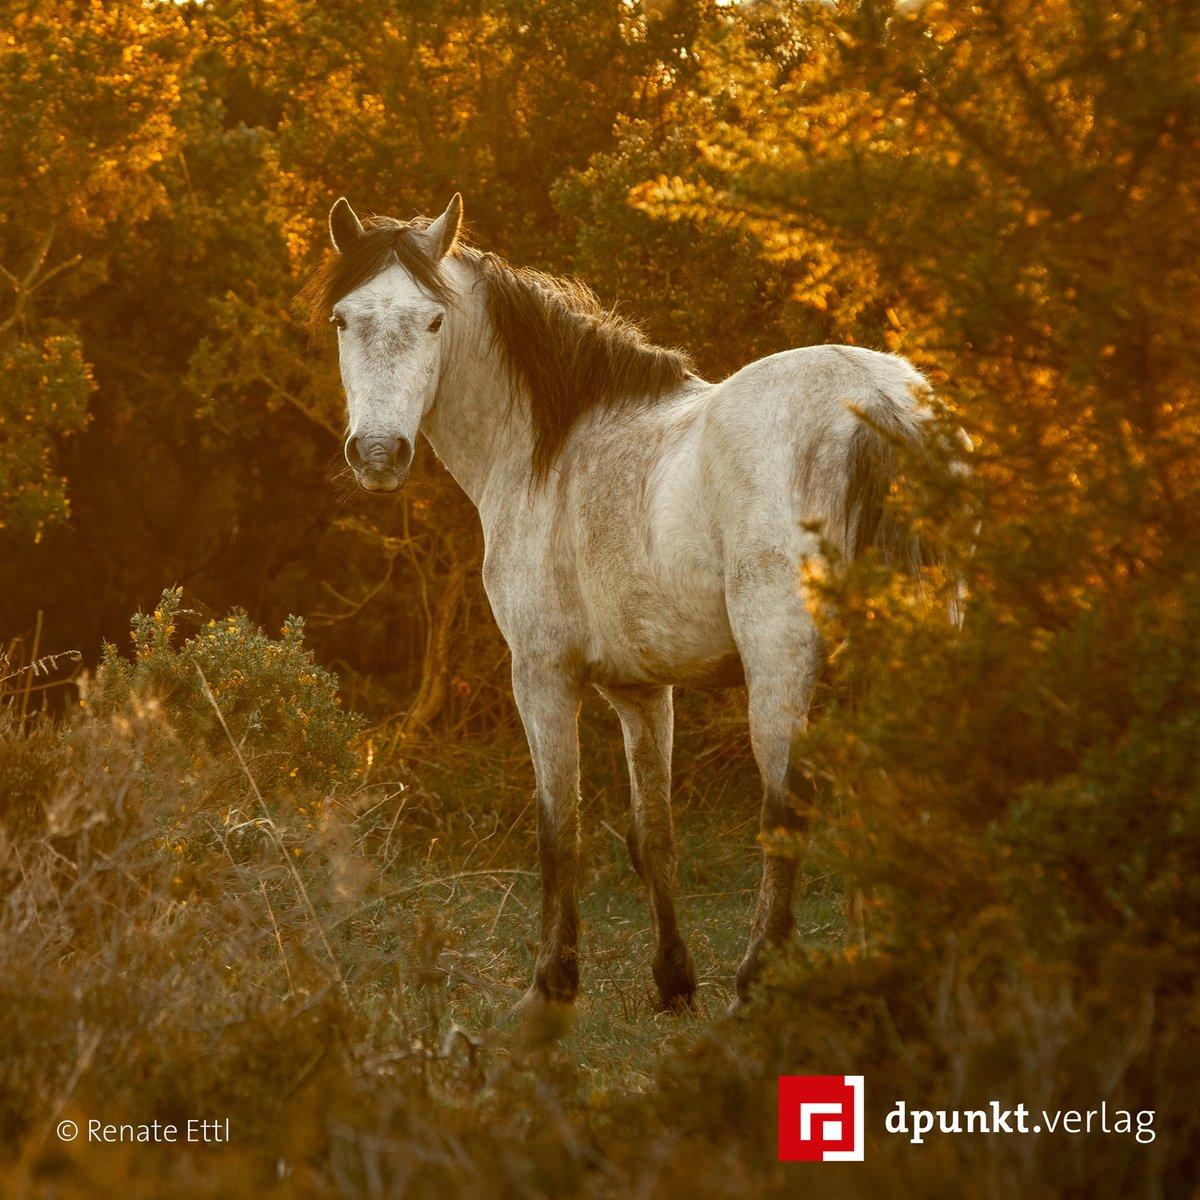 Pferde, die naturnah leben können, haben eine starke Präsenz. Die Stute strotzt vor Stolz und Selbstbewusstsein, was neben der romantischen Gegenlichtsituation zu einem ausdrucksstarken Bild beiträgt. Mehr dazu in »Kreative Pferdefotografie«. #tierfotografie #lesetipppic.twitter.com/h6zVBGV4wh